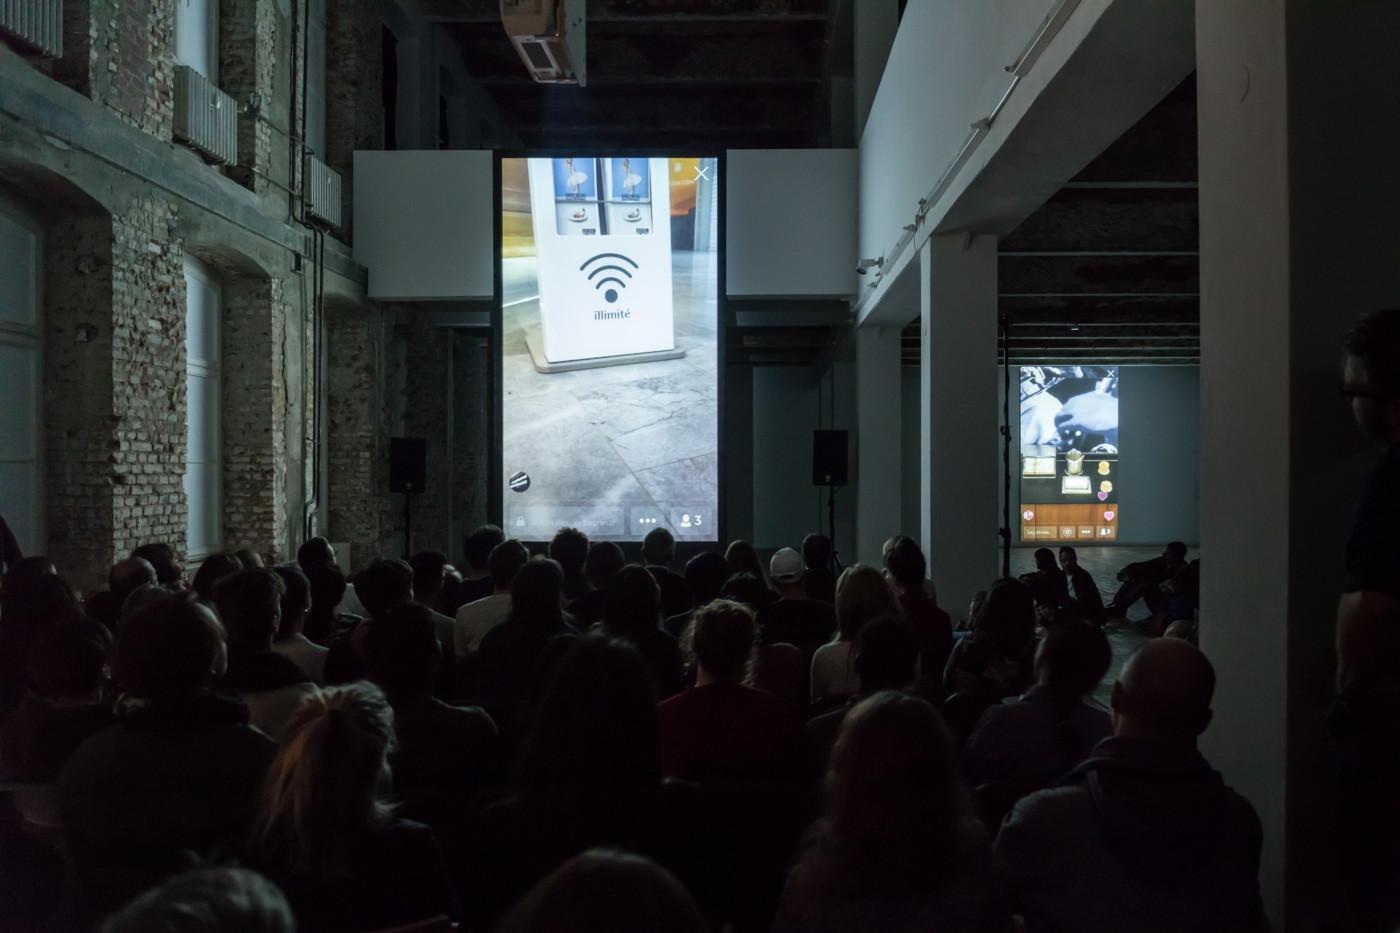 NINA KÖNNEMANN  Free Wifi 3 , 2017, KW Institute for Contemporary Art, Berlin, installation view - High Art Gallery Paris